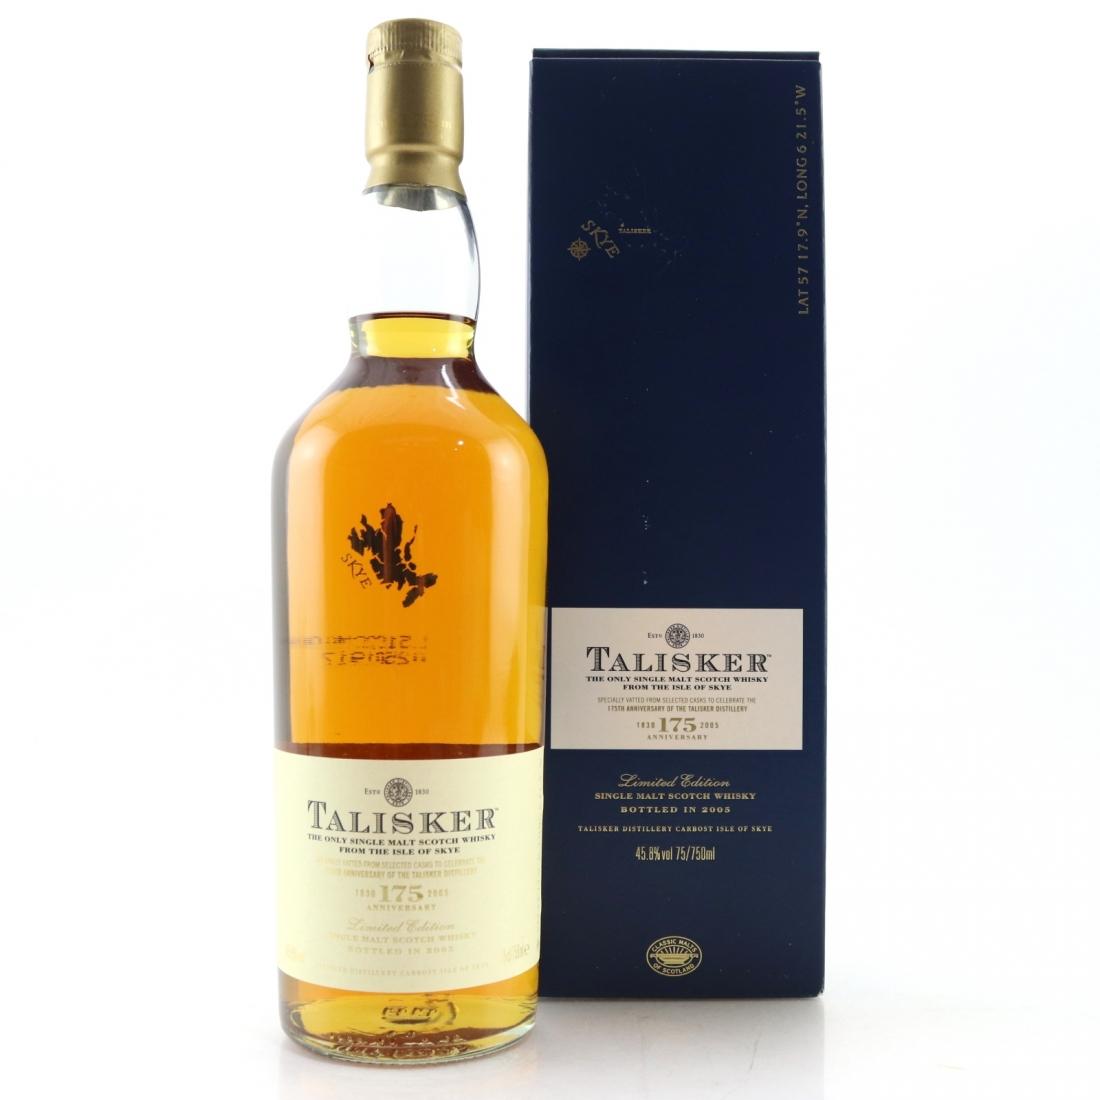 Talisker 175th Anniversary 75cl